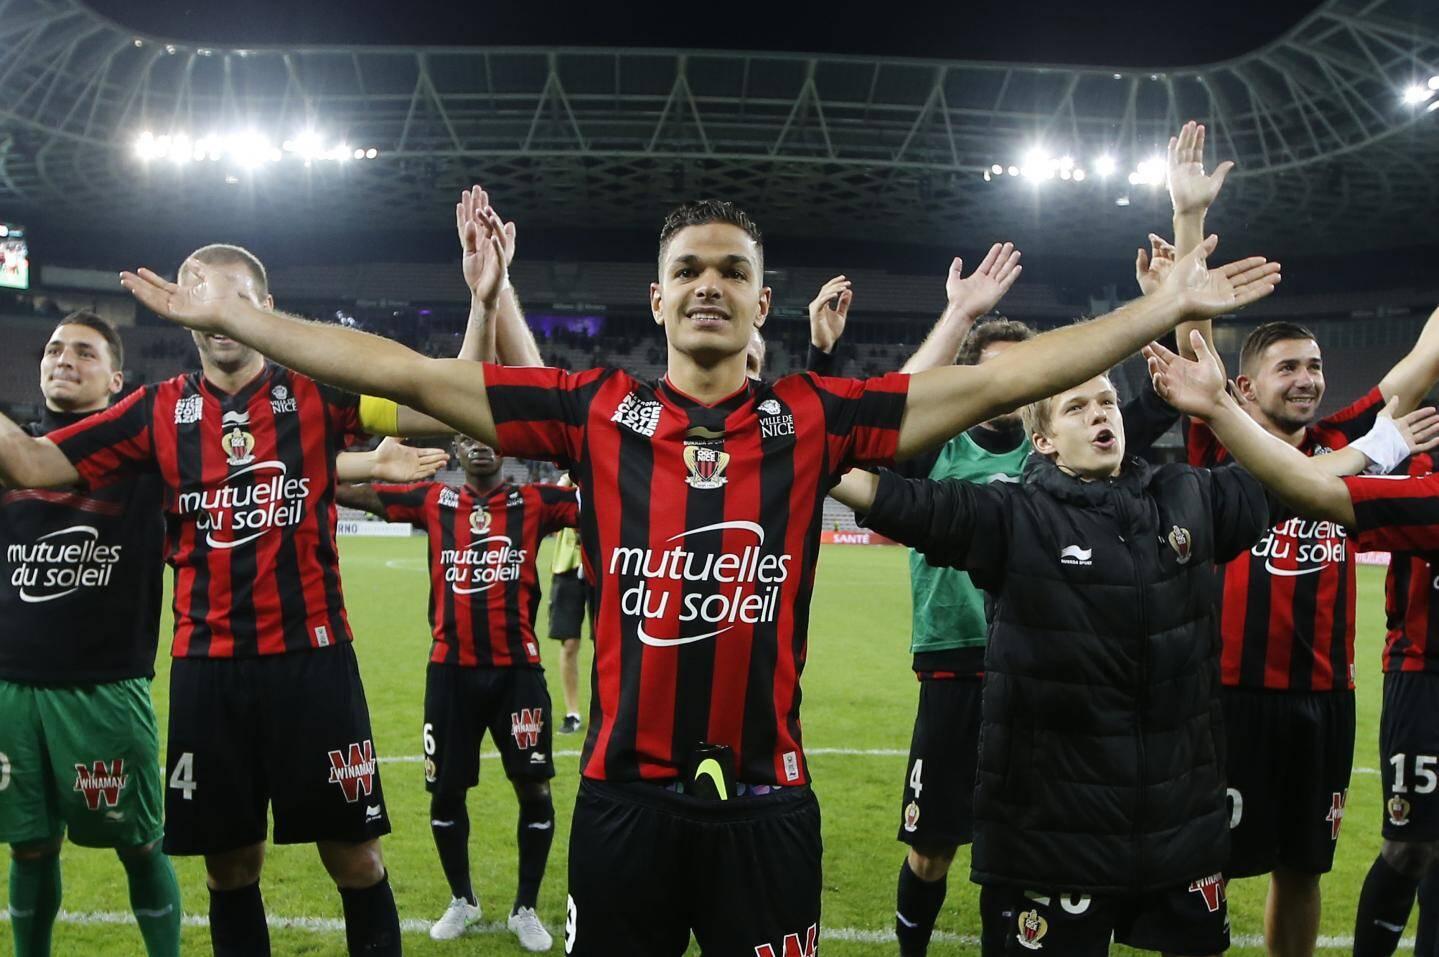 Le 23 septembre 2015 c'est soir de match à l'Allianz Riviera.Les Aiglons reçoivent les Bordelais qui se souviendront longtemps de l'accueil que leur réservent les joueurs du Gym. Score du match : 6 - 1. À l'image de ce festival de buts, l'OGC Nice s'offre un début de saison des plus prometteurs.